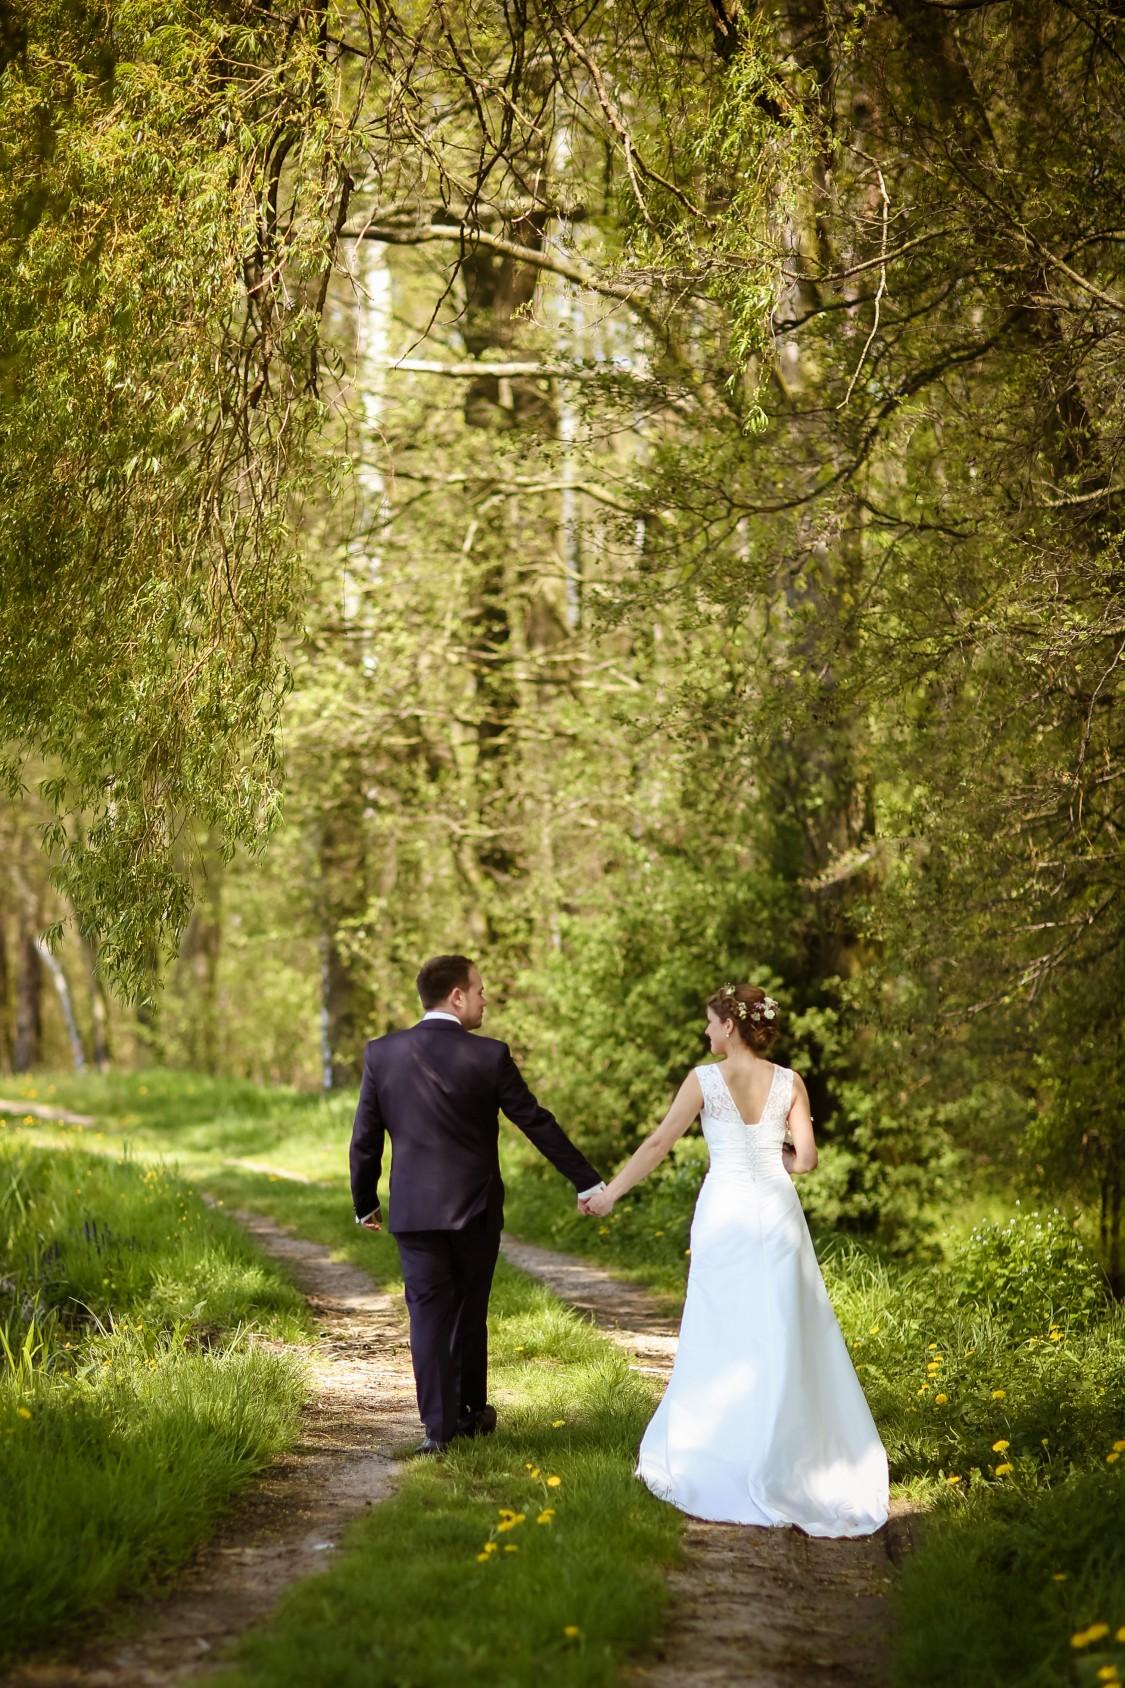 Ihr-Hochzeitsfotograf-Weisendorf_0012